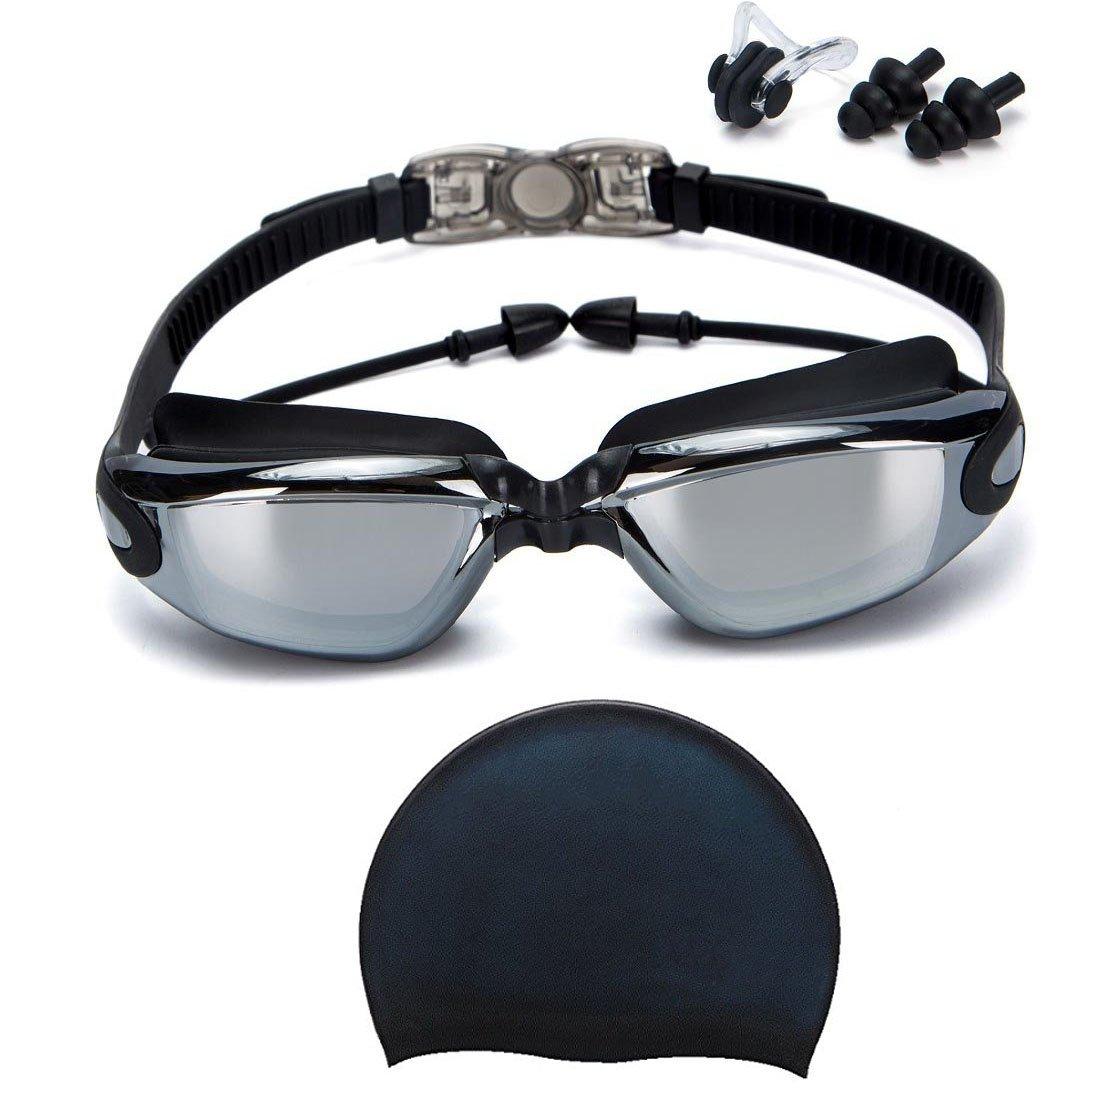 bf20956ff883 Givovanni Swim Goggles + Swim Cap, Swimming Goggles No Leaking Anti Fog UV  Protection Triathlon Swim Goggles + Nose Clip + Ear Plugs for Adult Men ...